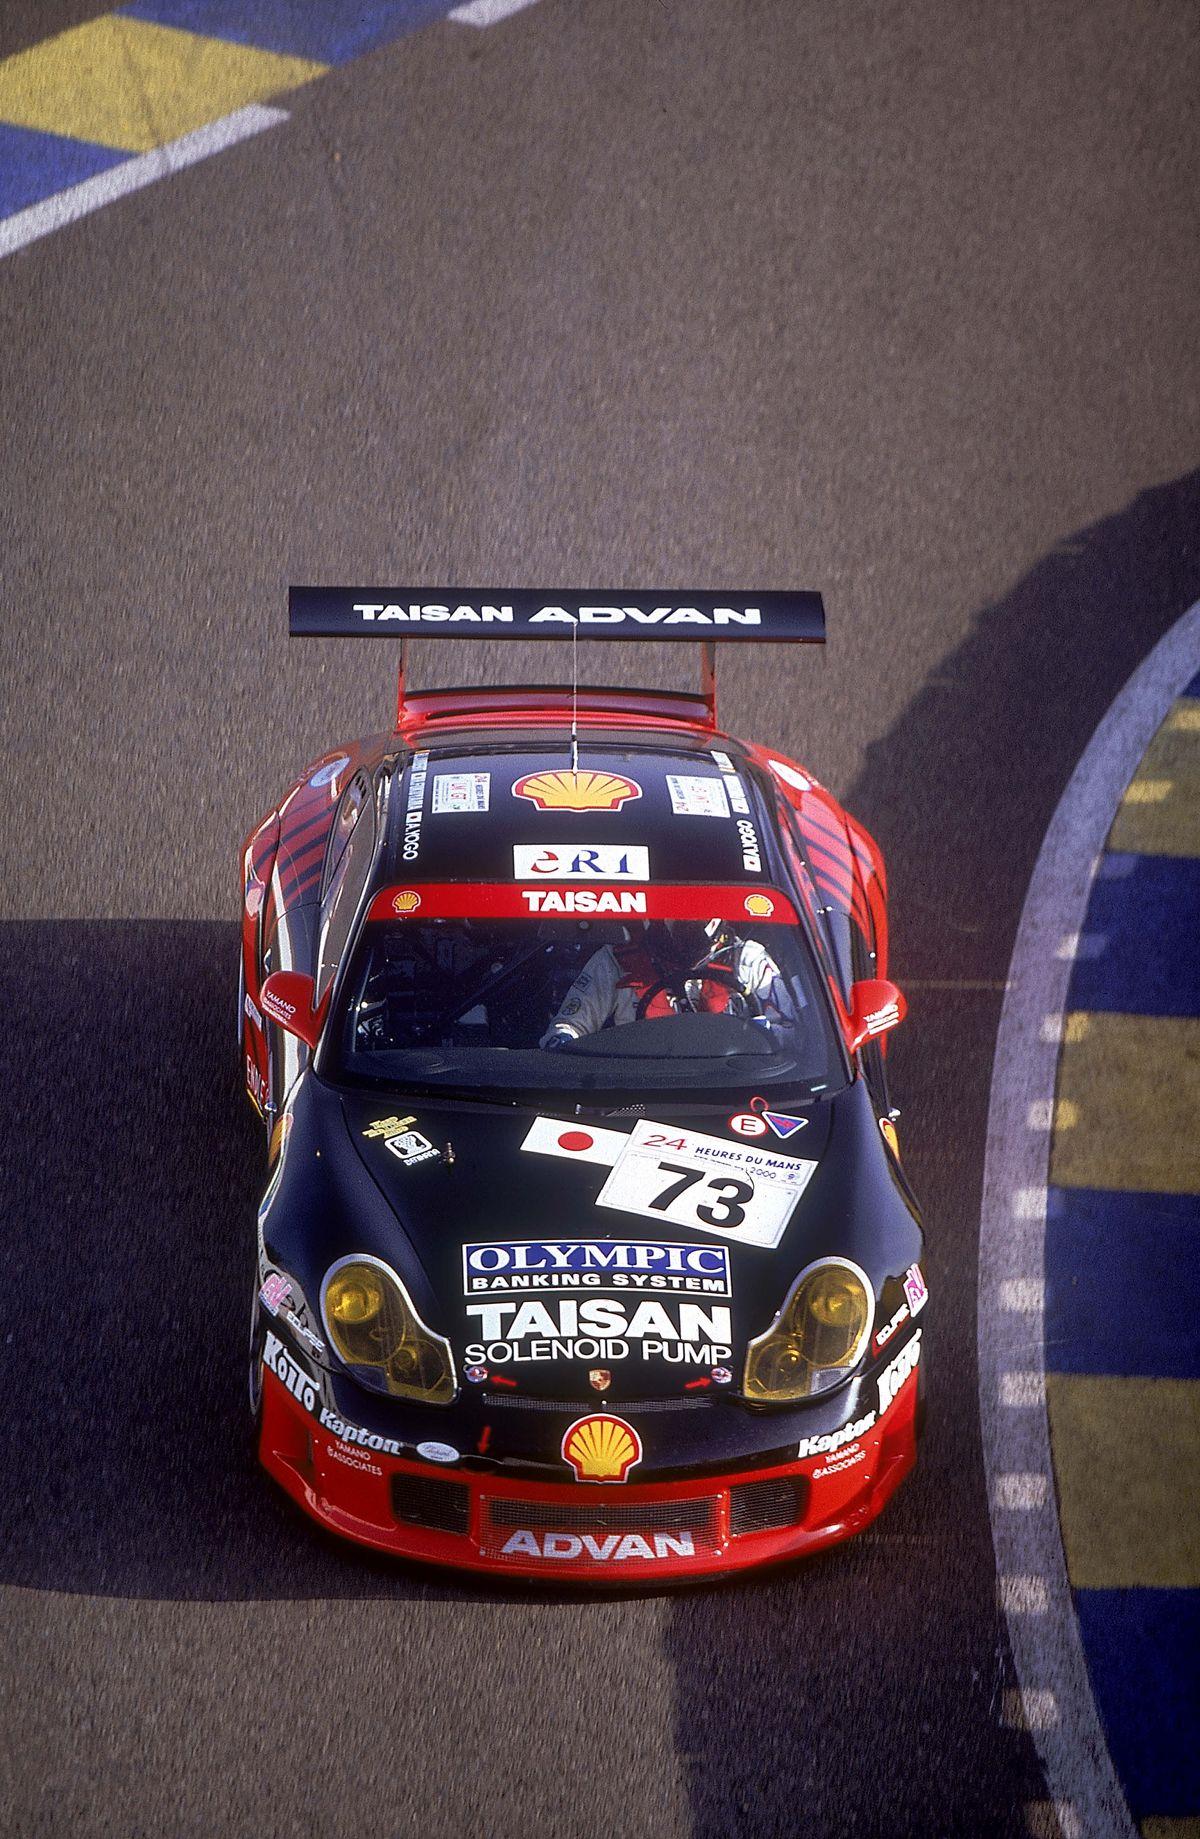 Porsche 911 GT3 R - Ganador de las 24 Horas de Le Mans en la clase GT en el 2000